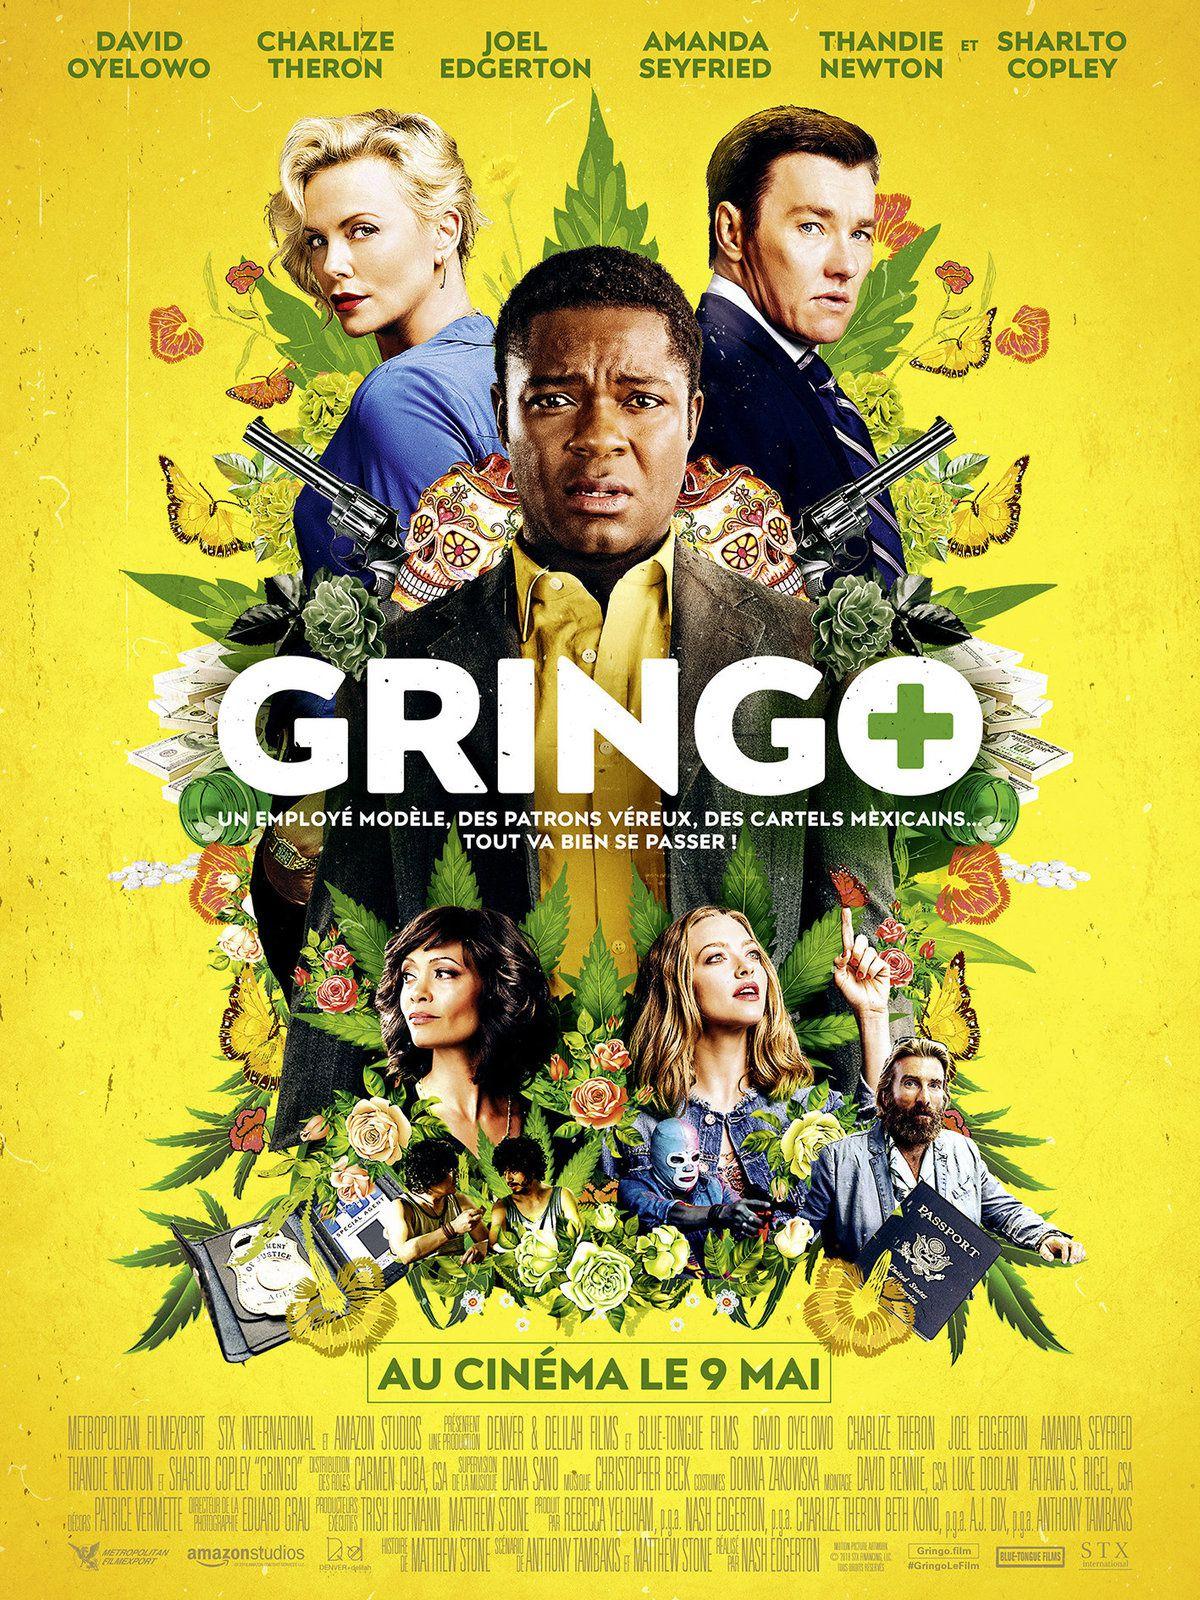 GRINGO AVEC CHARLIZE THERON : LE MAKING-OF DU FILM ! AU CINÉMA LE 9 MAI 2018